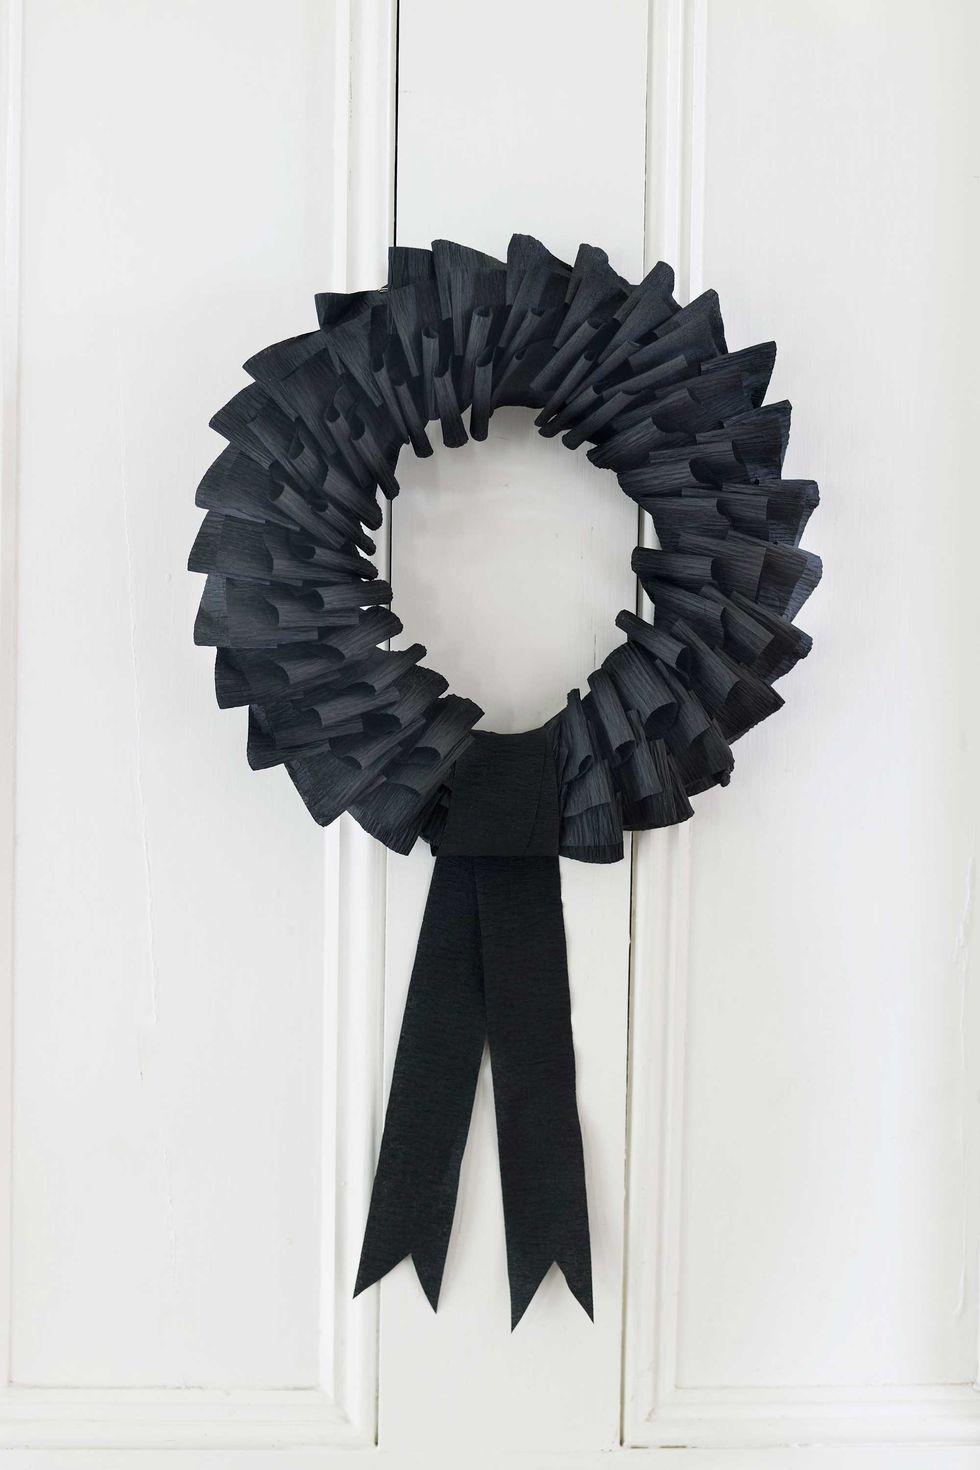 Black crepe paper wreath for door decor.